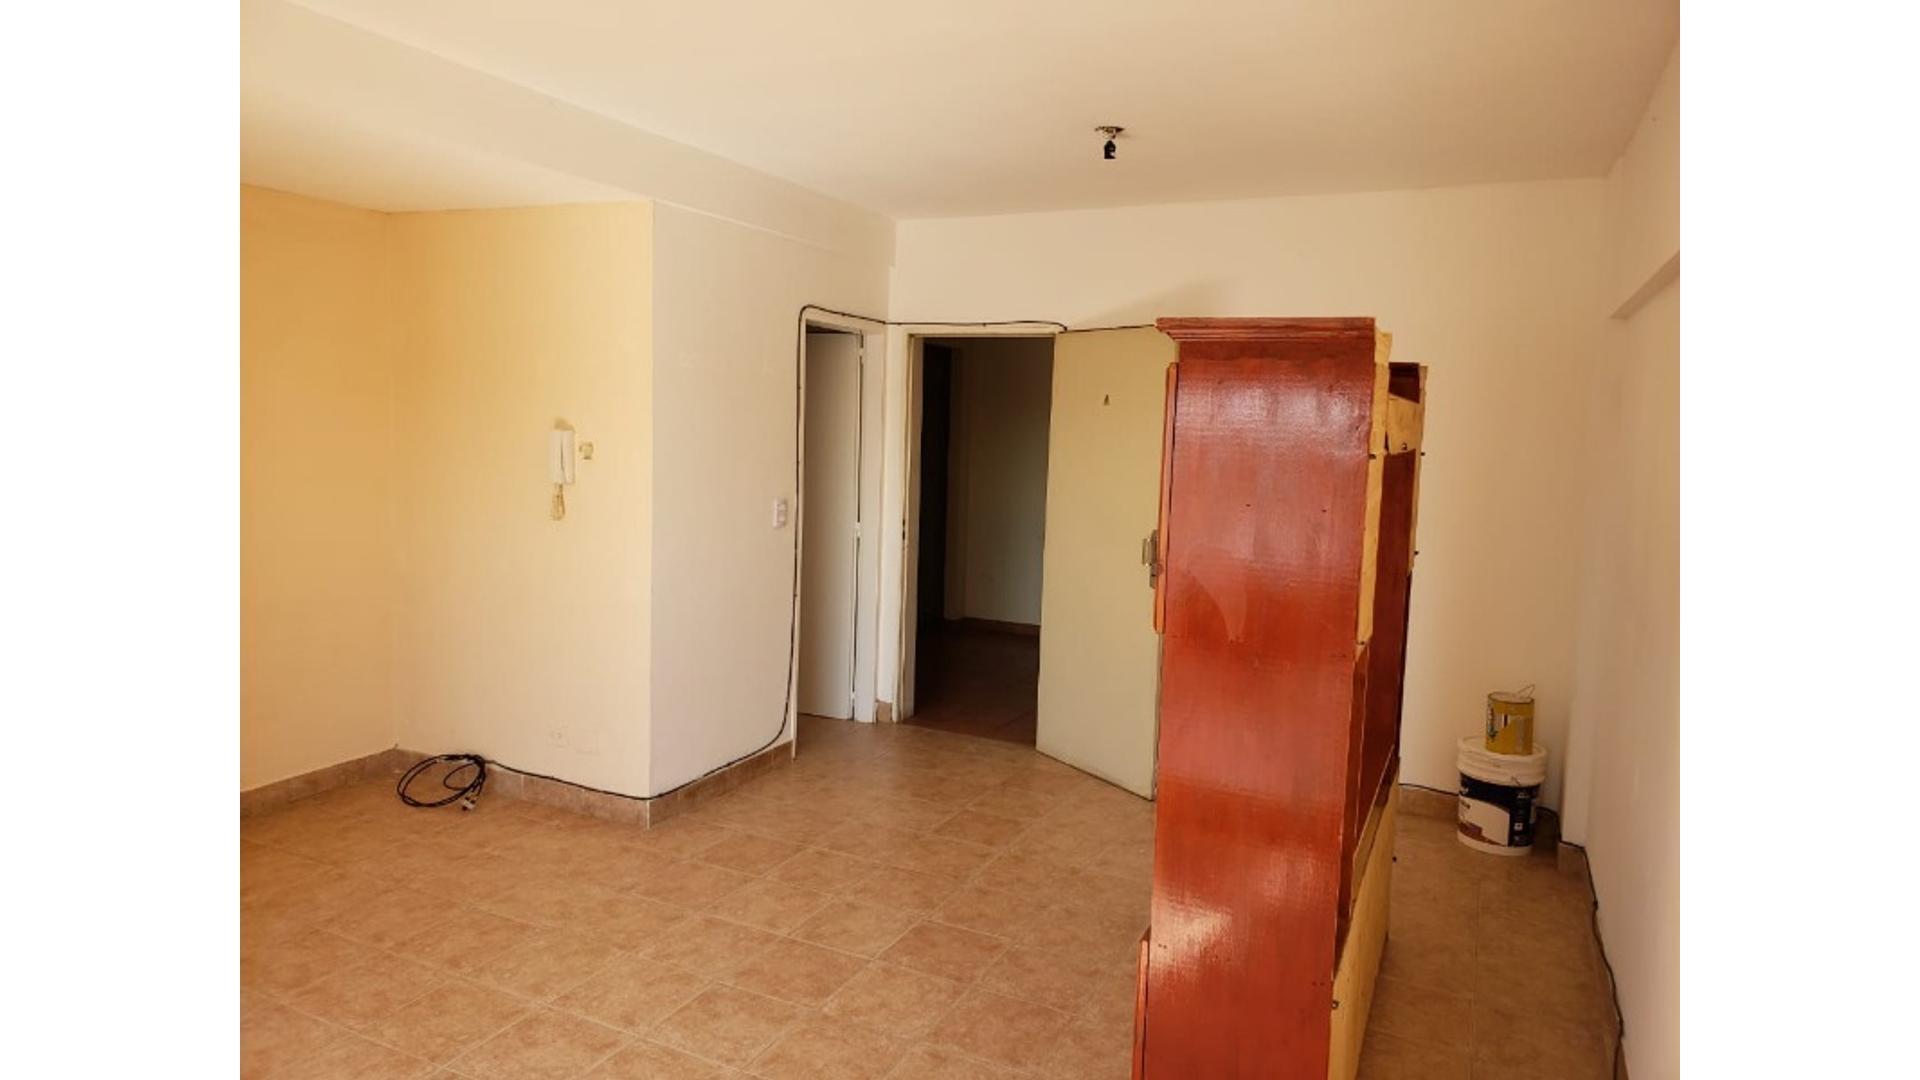 Departamento en Venta - 3 ambientes - USD 85.000